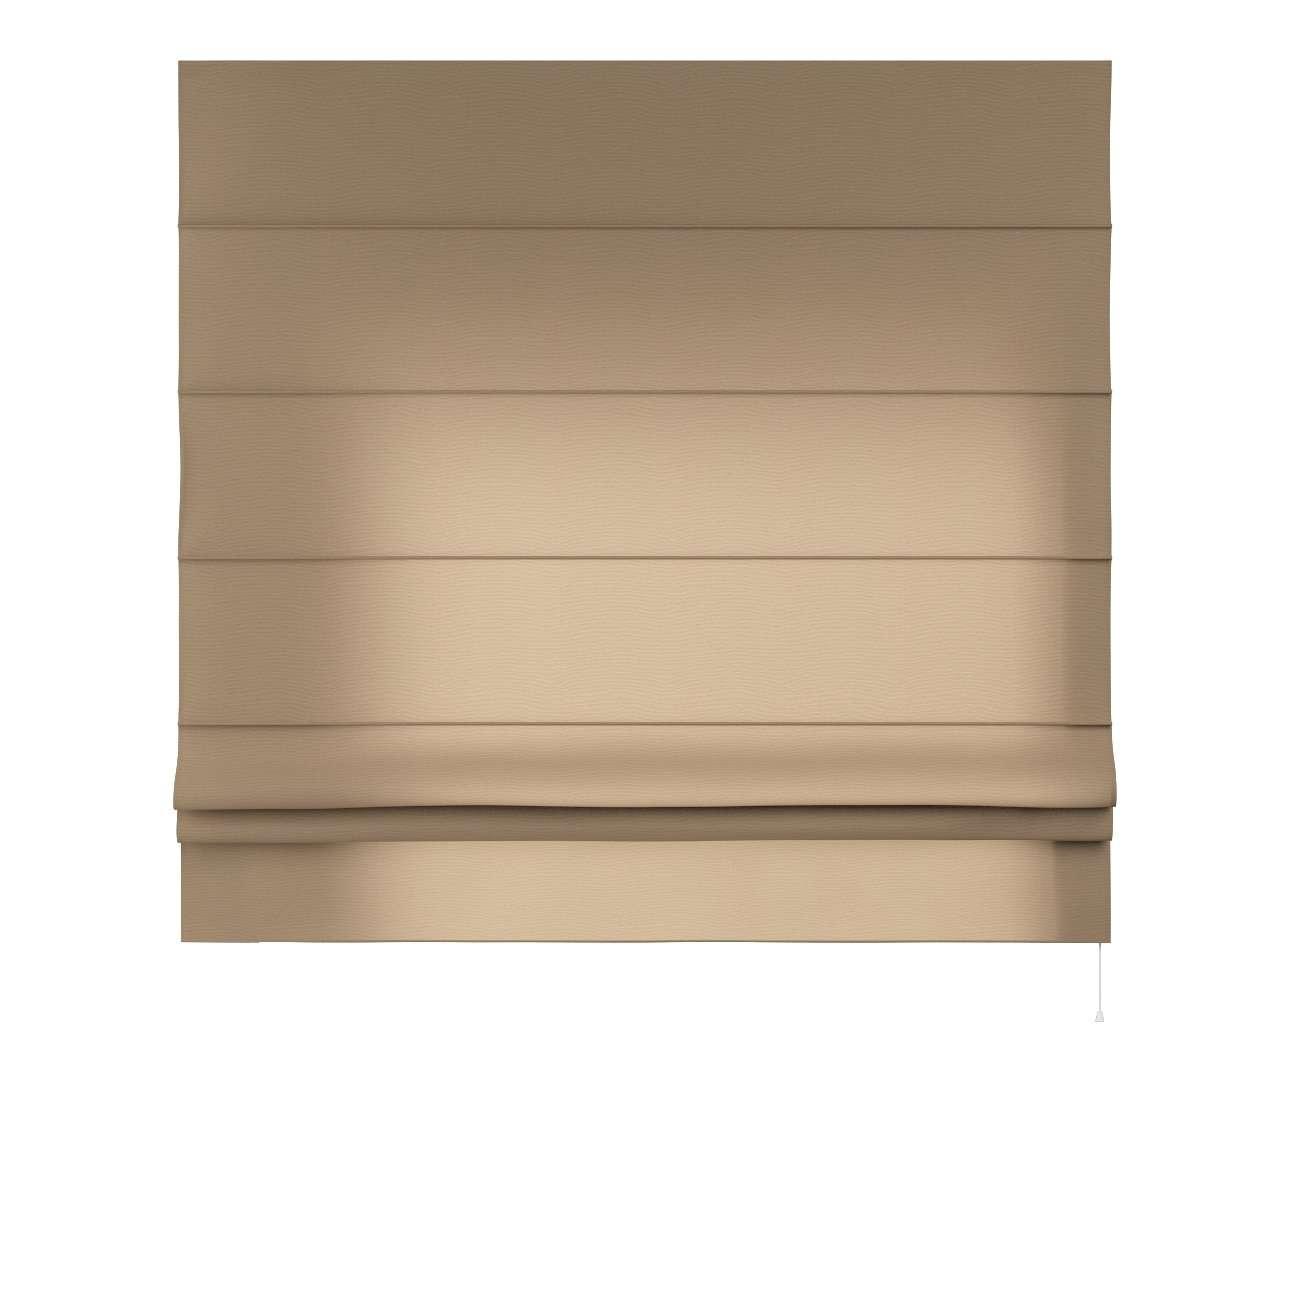 Romanetės Padva kolekcijoje Quadro, audinys: 136-09